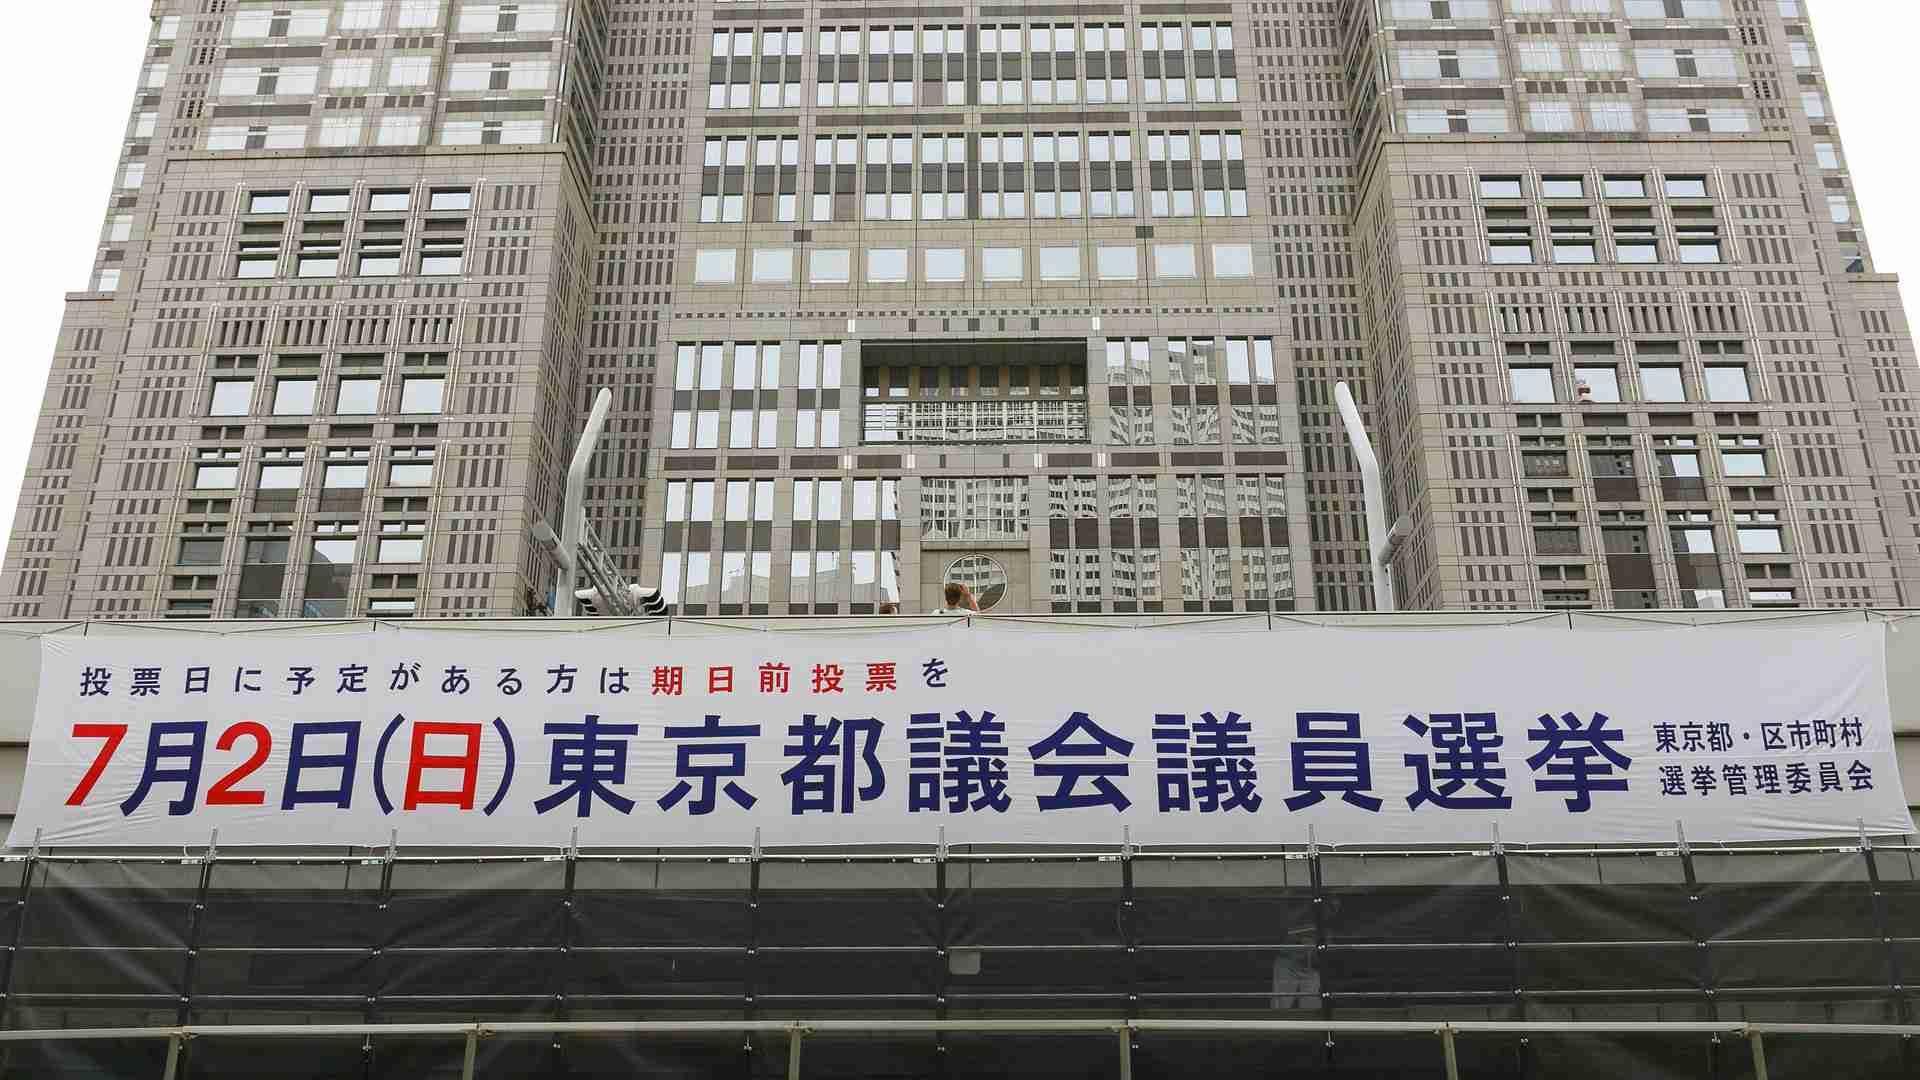 東京都議選、各党の子育て支援公約を見比べる(駒崎弘樹) - 個人 - Yahoo!ニュース